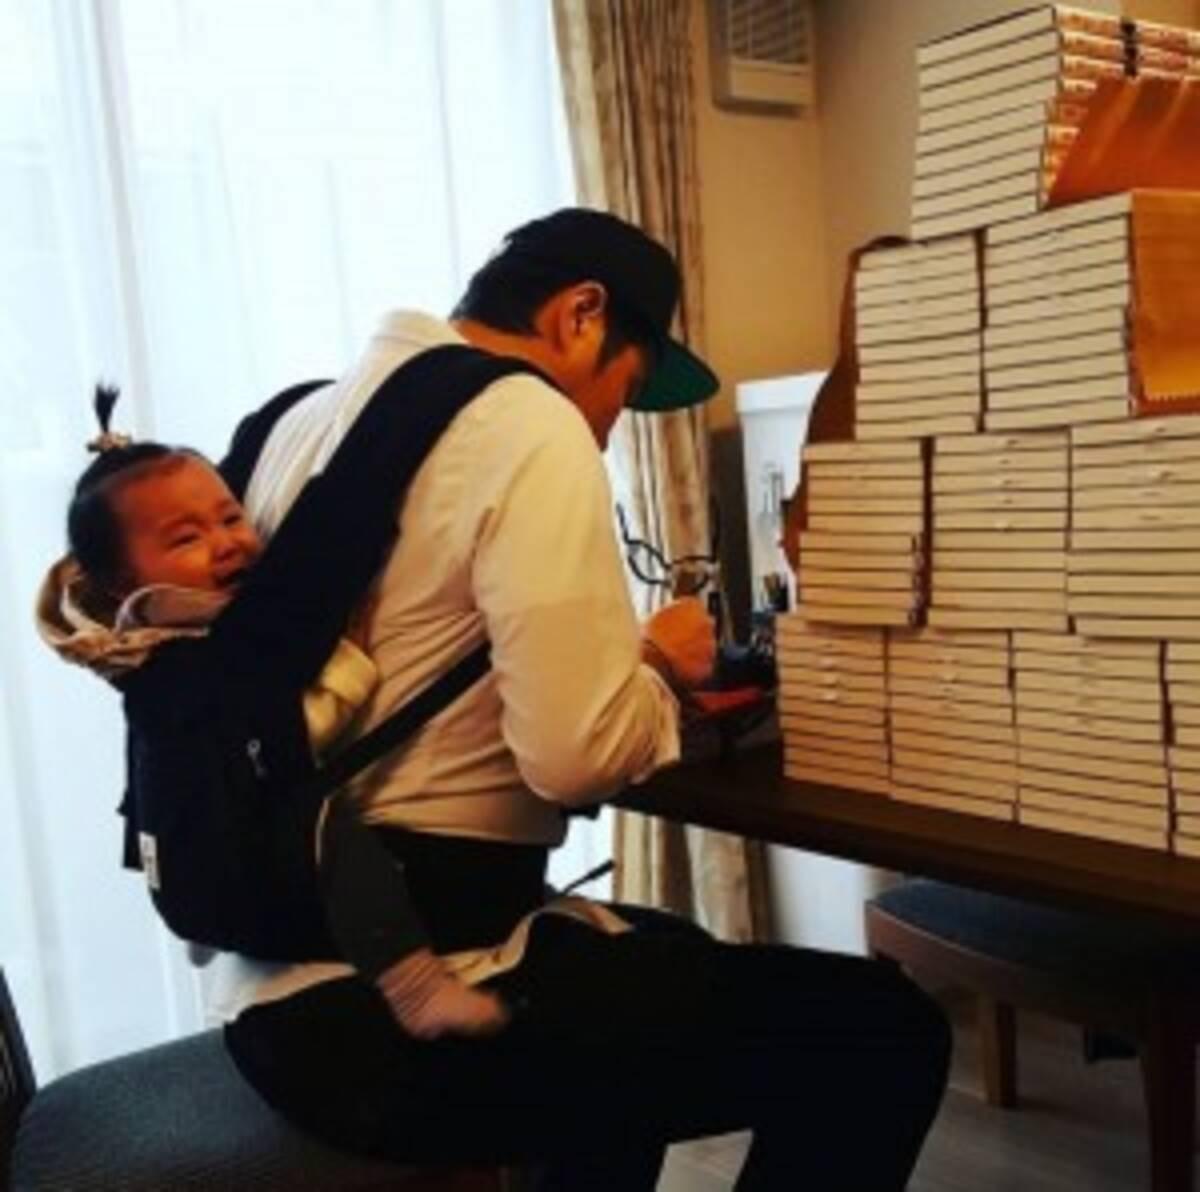 ライセンス藤原、娘をおんぶして大量にサインを書く日々 「無理しないで」とファン (2017年12月5日) - エキサイトニュース